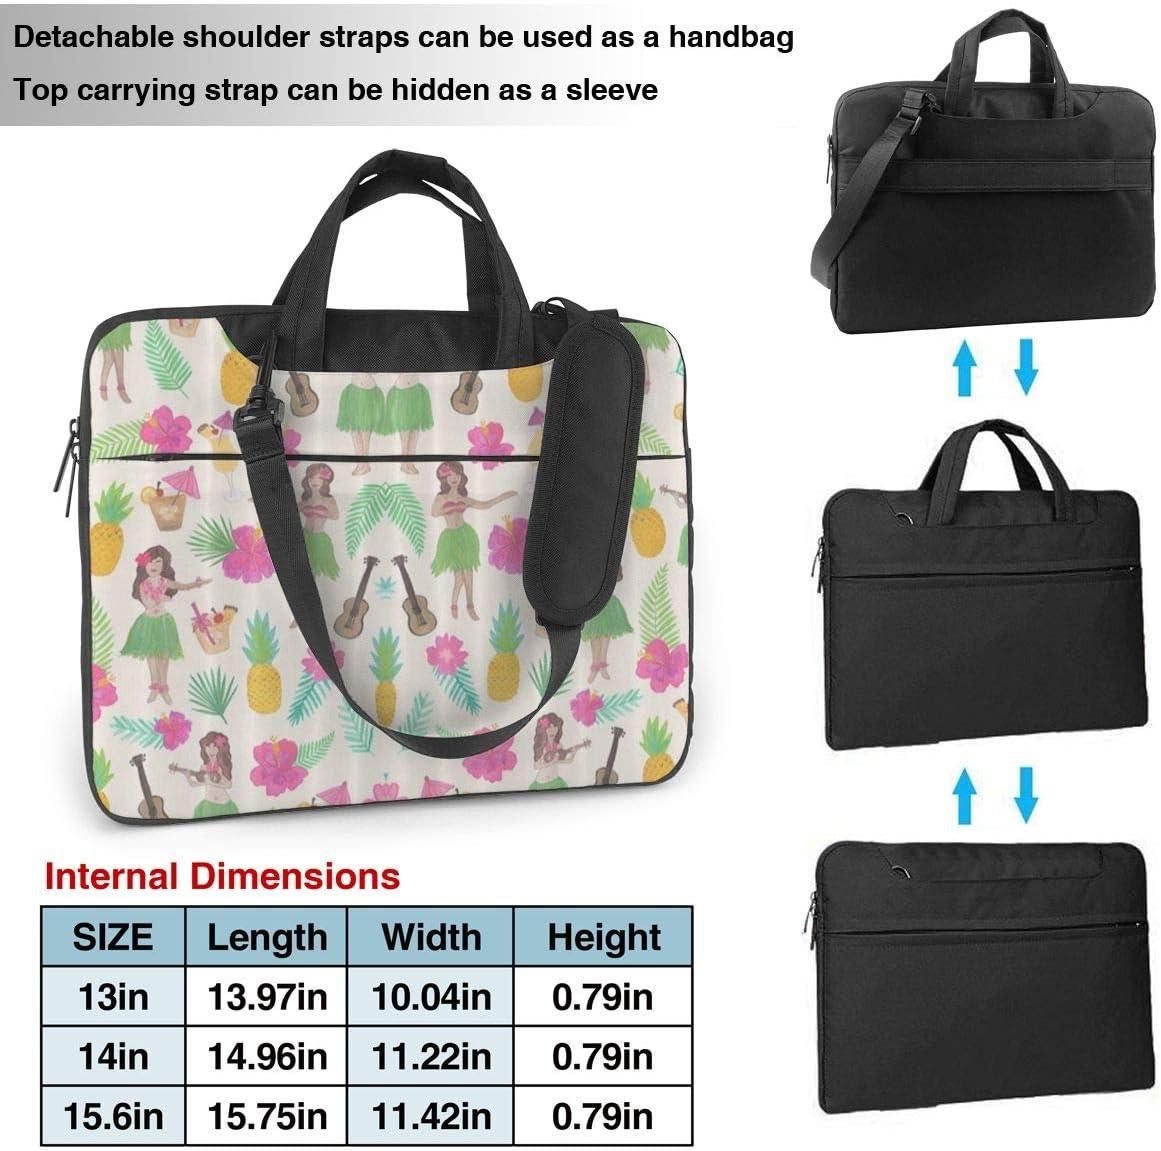 MATEH Hawaii Girl Laptop Bag 15.6 Inch Shoulder Messenger Bag Computer Tote Briefcase for Work School